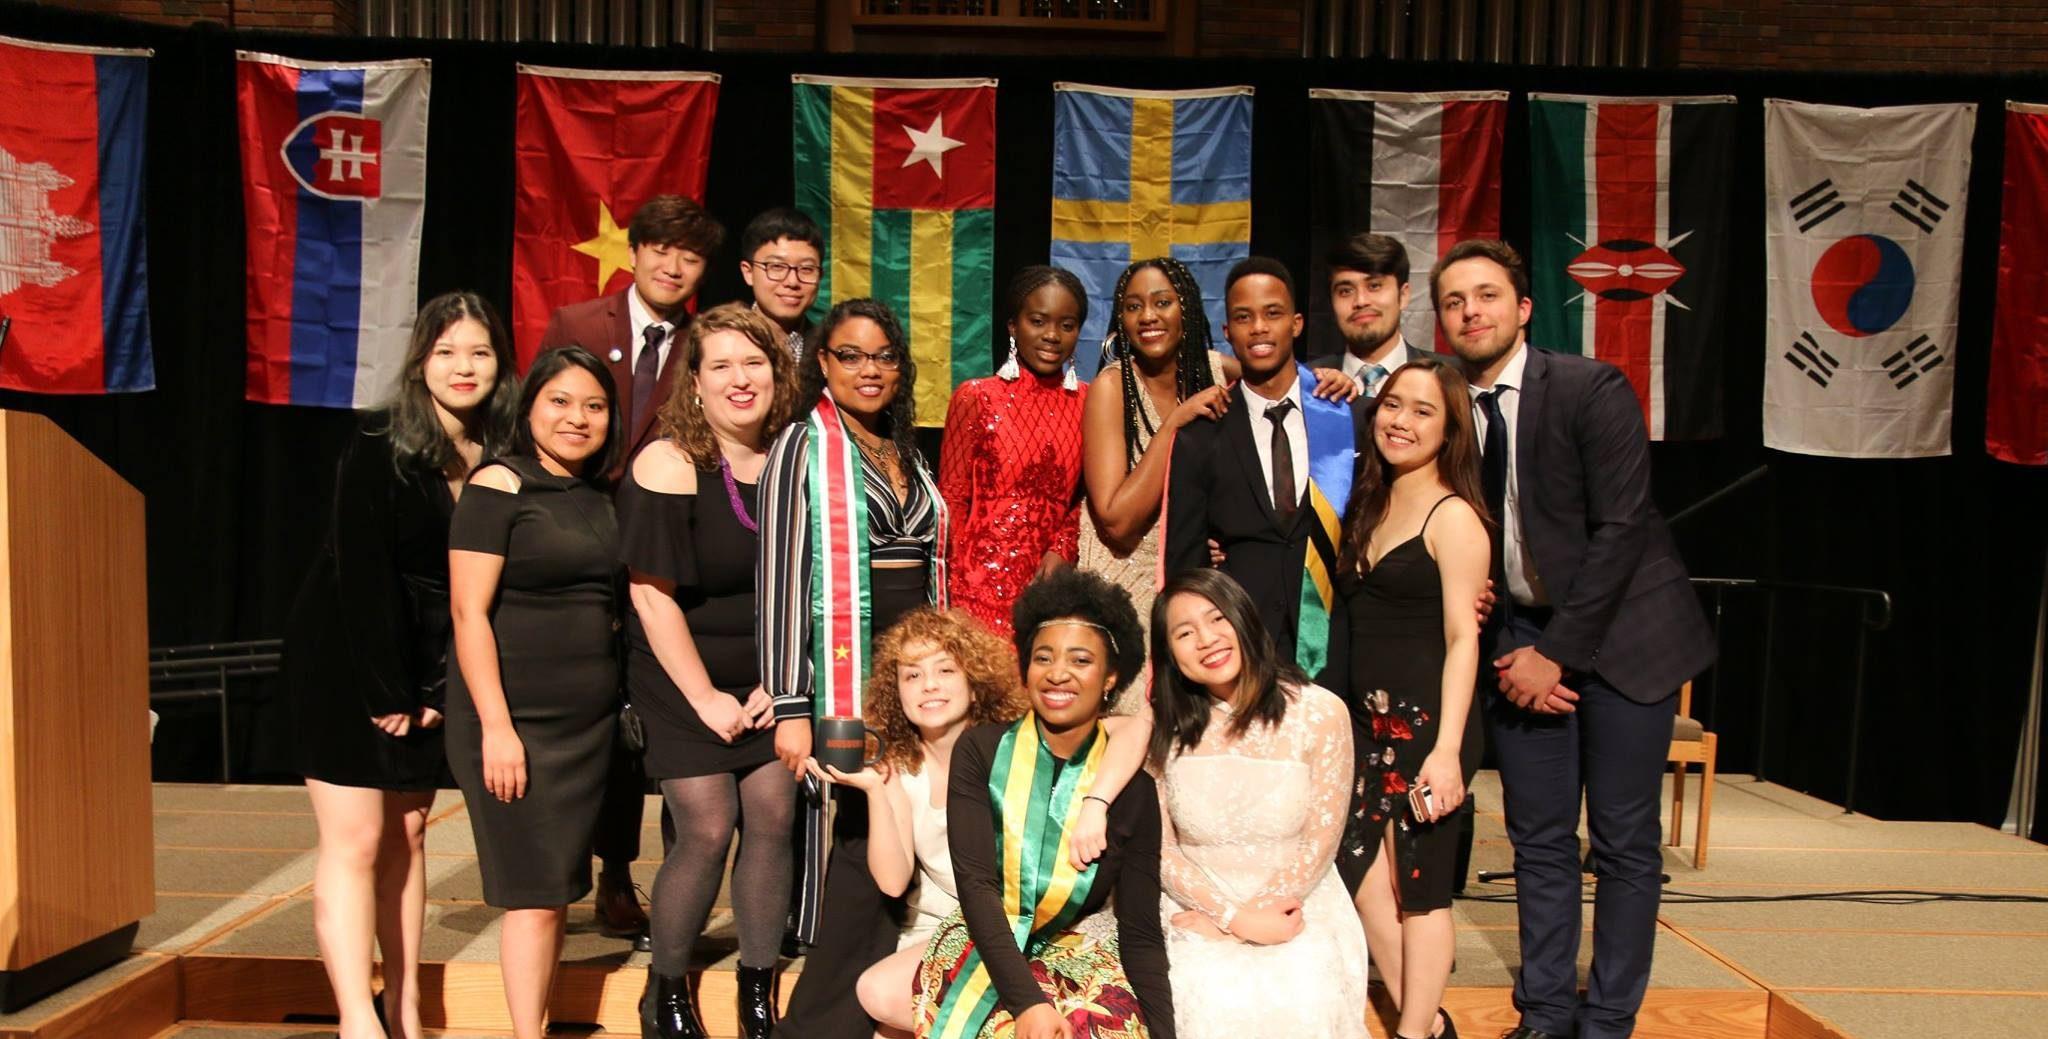 International students pose at banquet